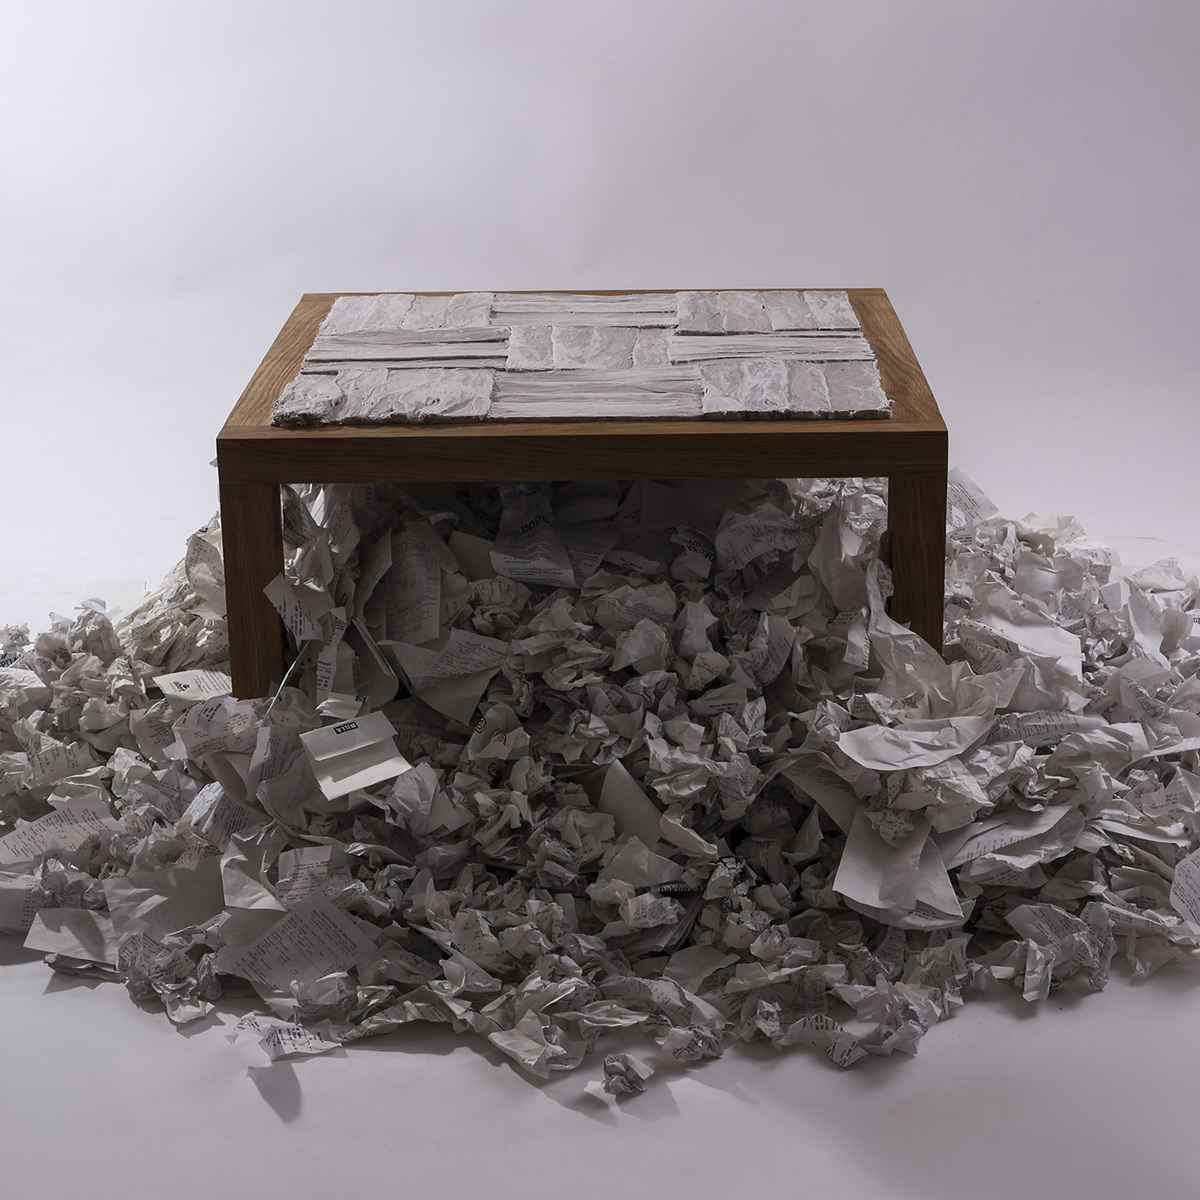 Stůl vznikl na téma Odpad a jeho dopad. Materiál, ze kterého jsem vycházela, je odkazem na globální produkci nadměrného množství odpadu, který nelze opakovaně využít. Použila jsem ke zhotovení nového deskového materiálu účtenky. Vylisovala je s vodou, čímž jsem docílila zajímavé struktury. Na samotnou desku je použito 12 622 účtenek, což je 6,311 kg směsného odpadu.